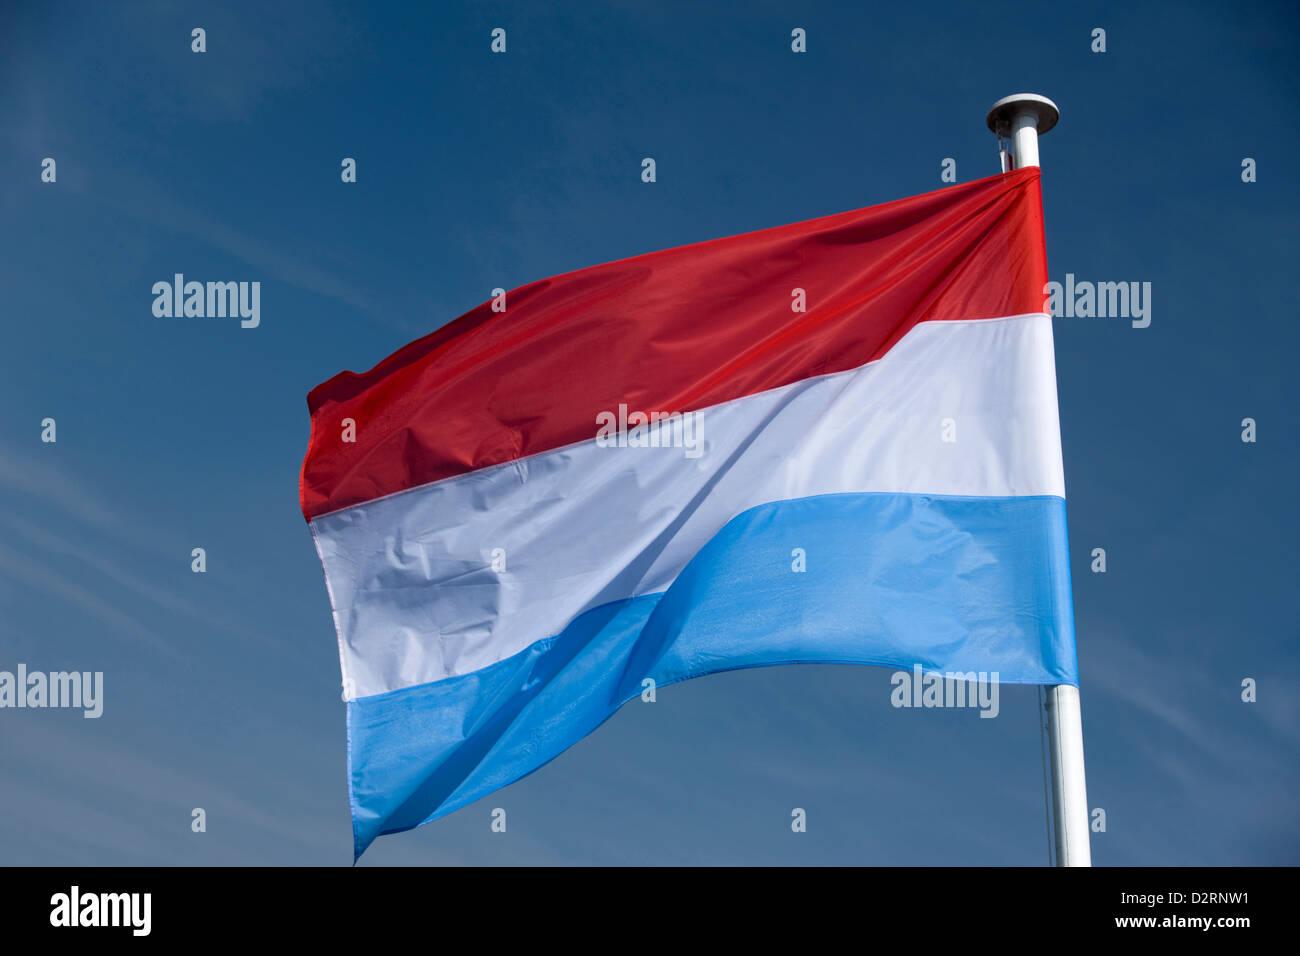 DUTCH FLAG FLYING ON FLAGPOLE - Stock Image